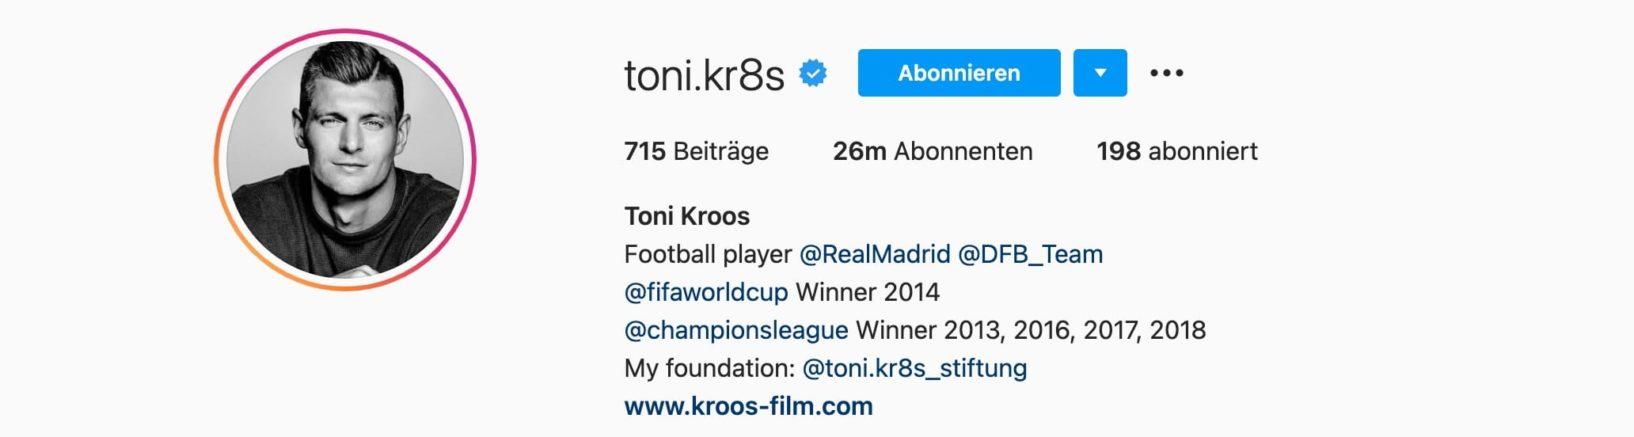 Top-7-Instagram-Influencer-Deutschland-Toni-Kroos-Einstein1